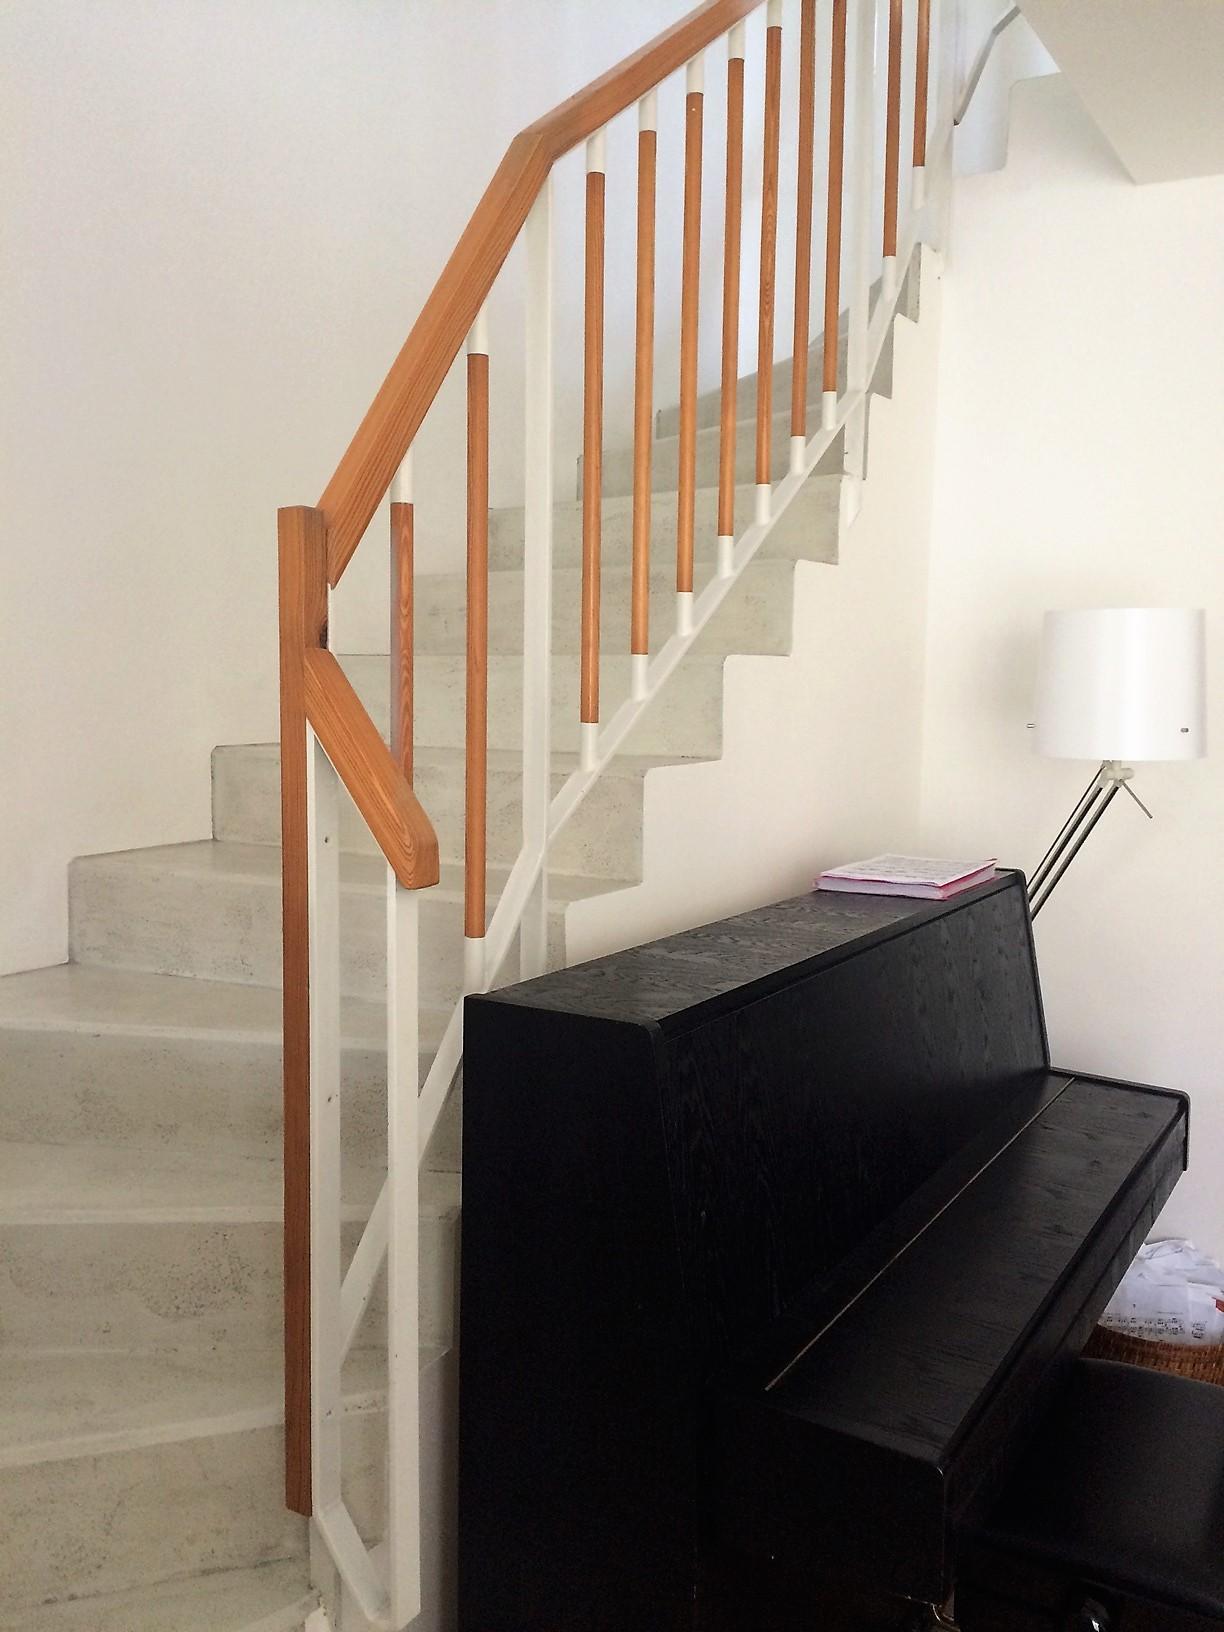 Renovace schodiště - úklid - pauza - a pak do Hornbachu pro flexu a barvu na zábradlí ⚙️💪🏼